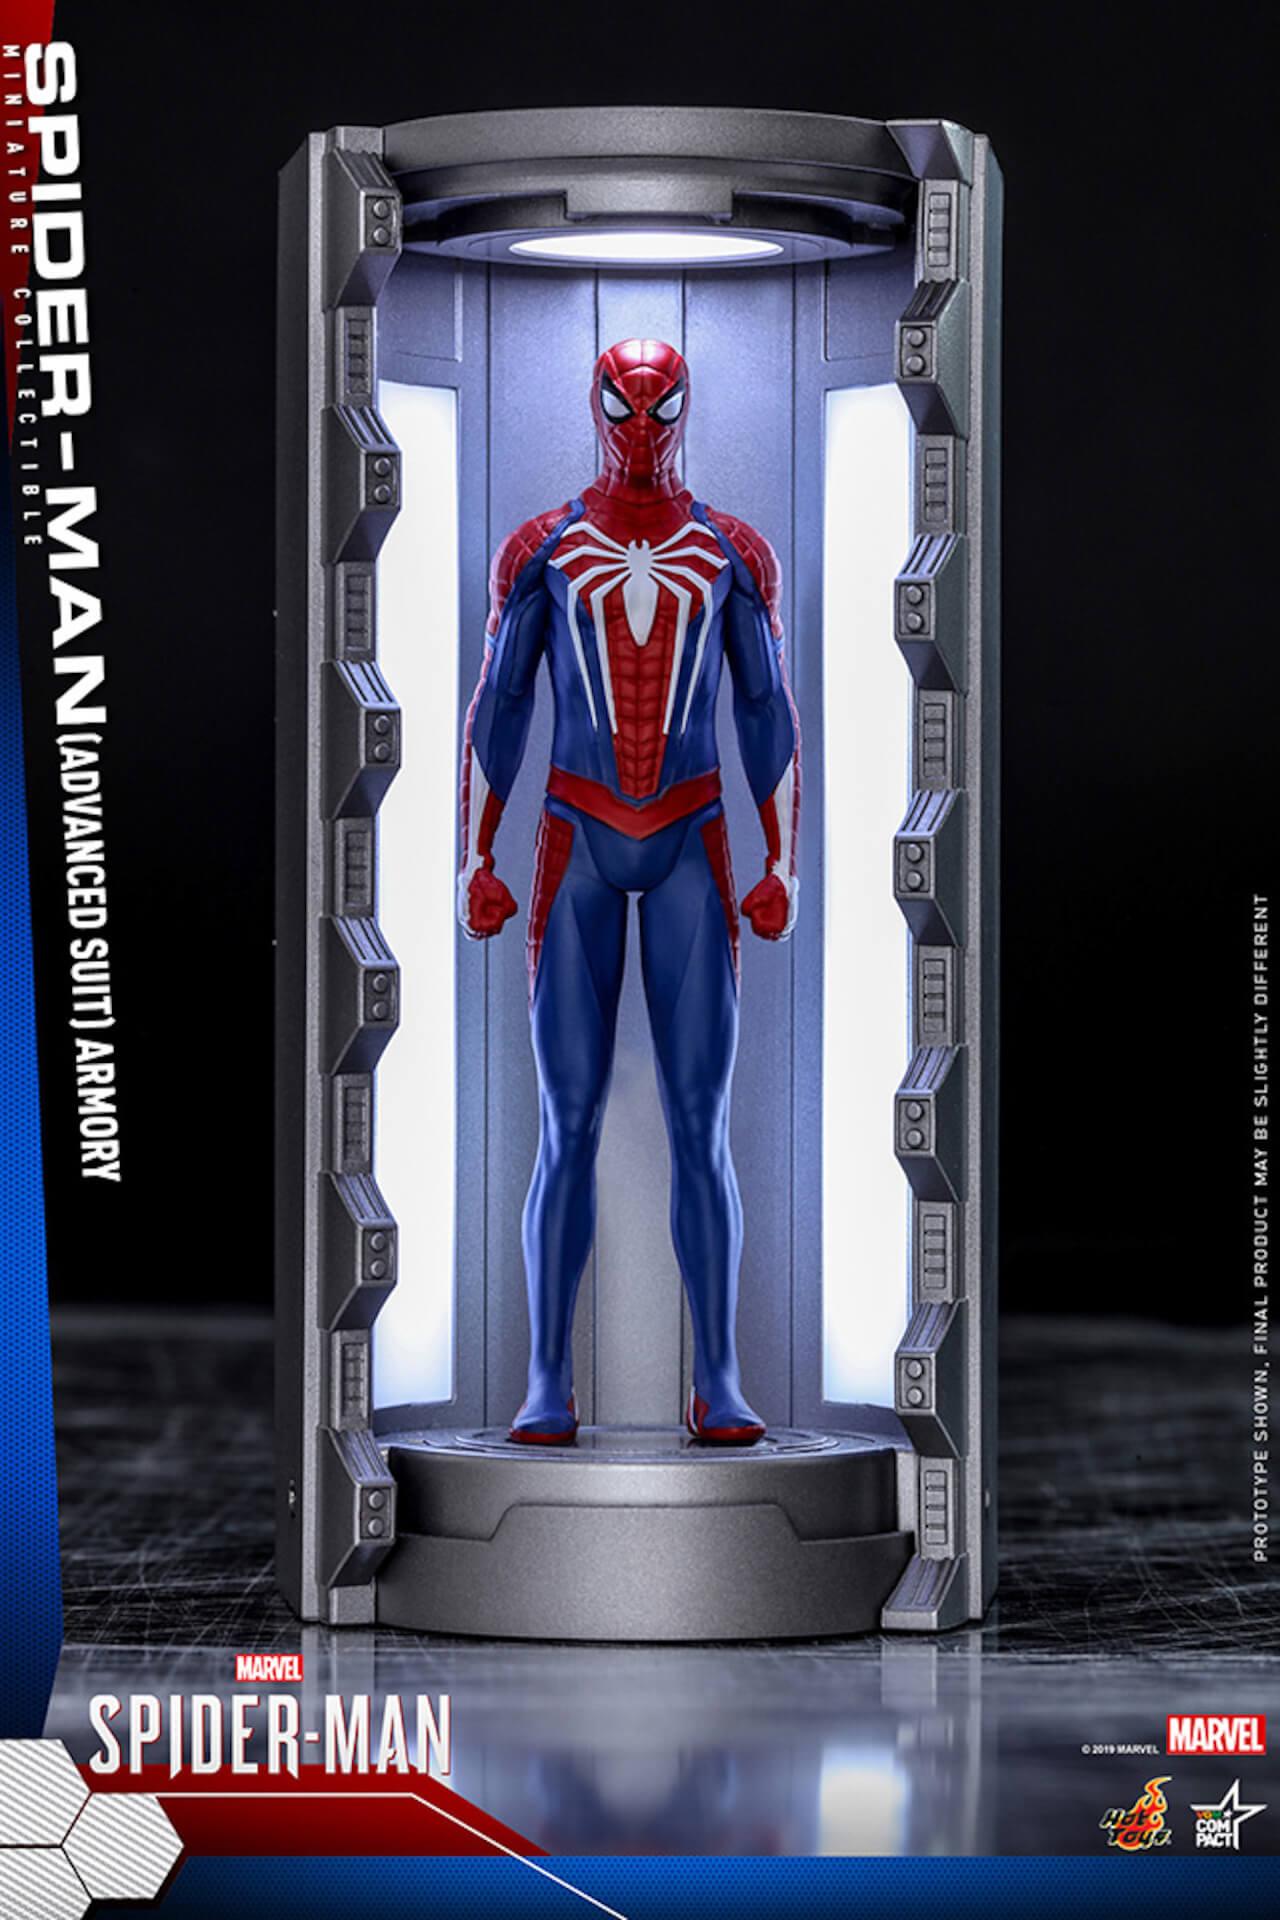 6つのスパイダーマン・スーツが勢ぞろい!大人気PS4用ゲームソフト『Marvel's Spider-Man』からミニチュア・フィギュアが登場 art200124_spiderman_hottoys_6